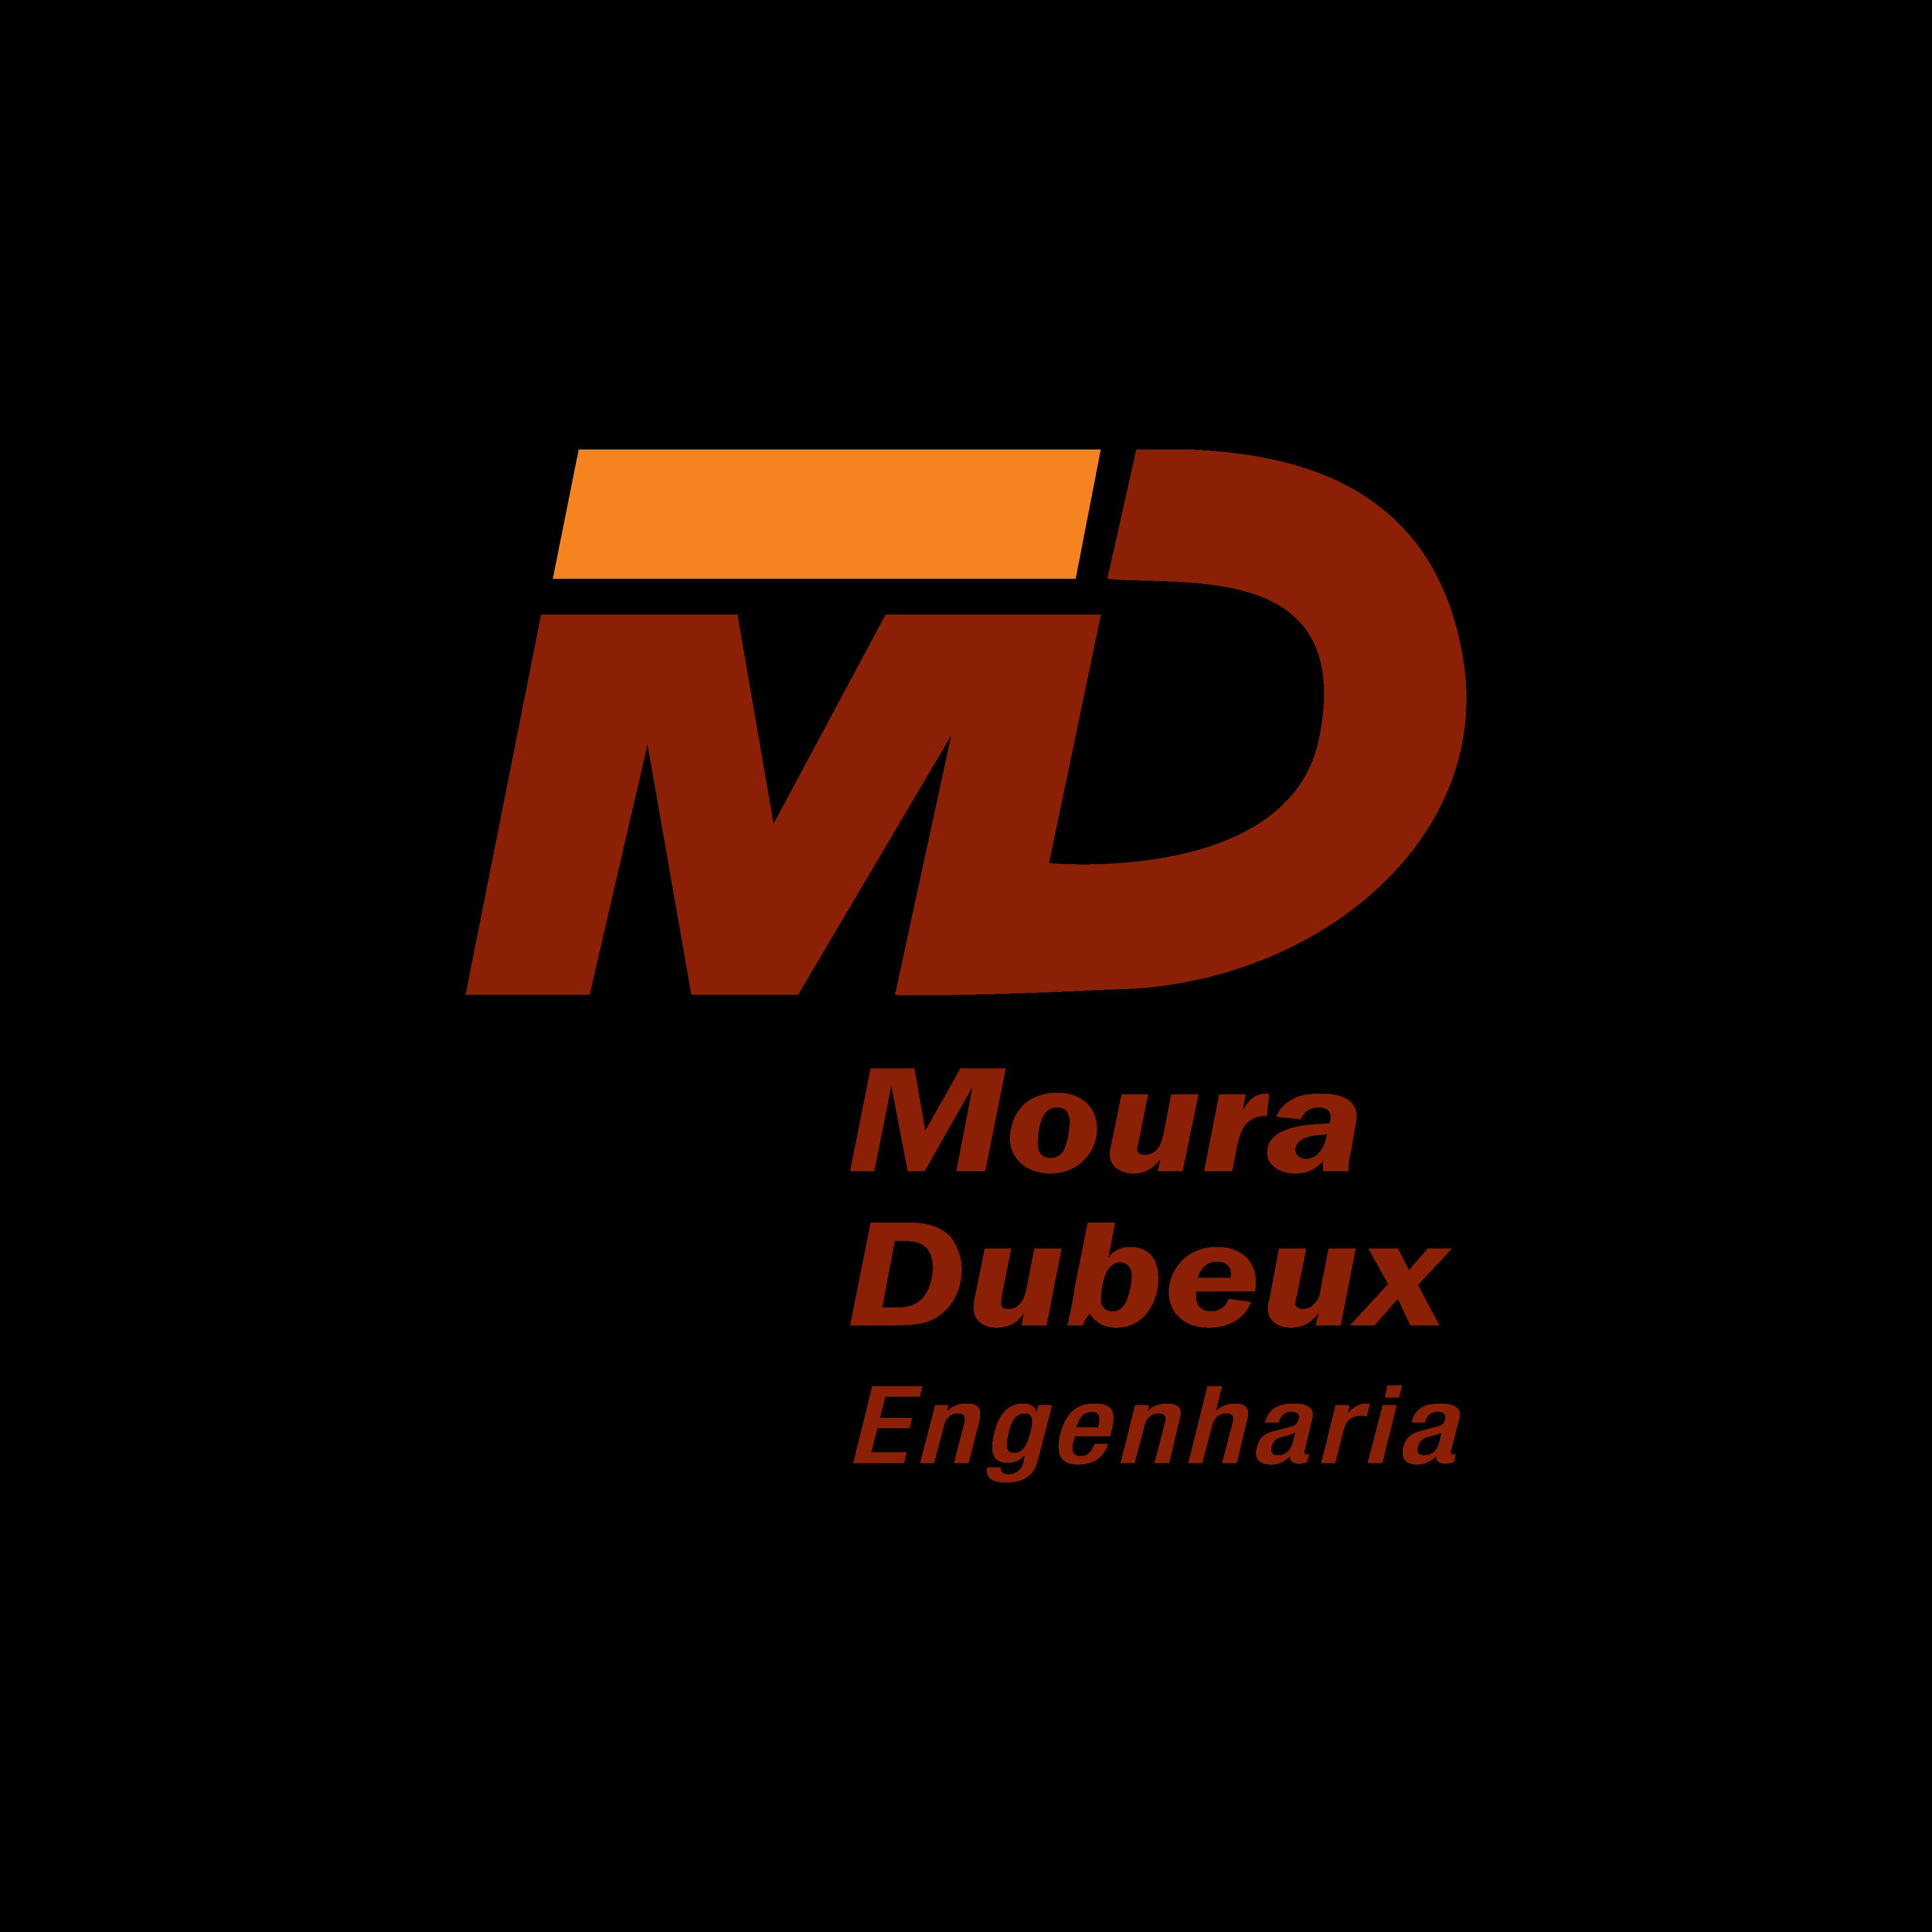 moura dubeux logo 0 - Moura Dubeux Logo